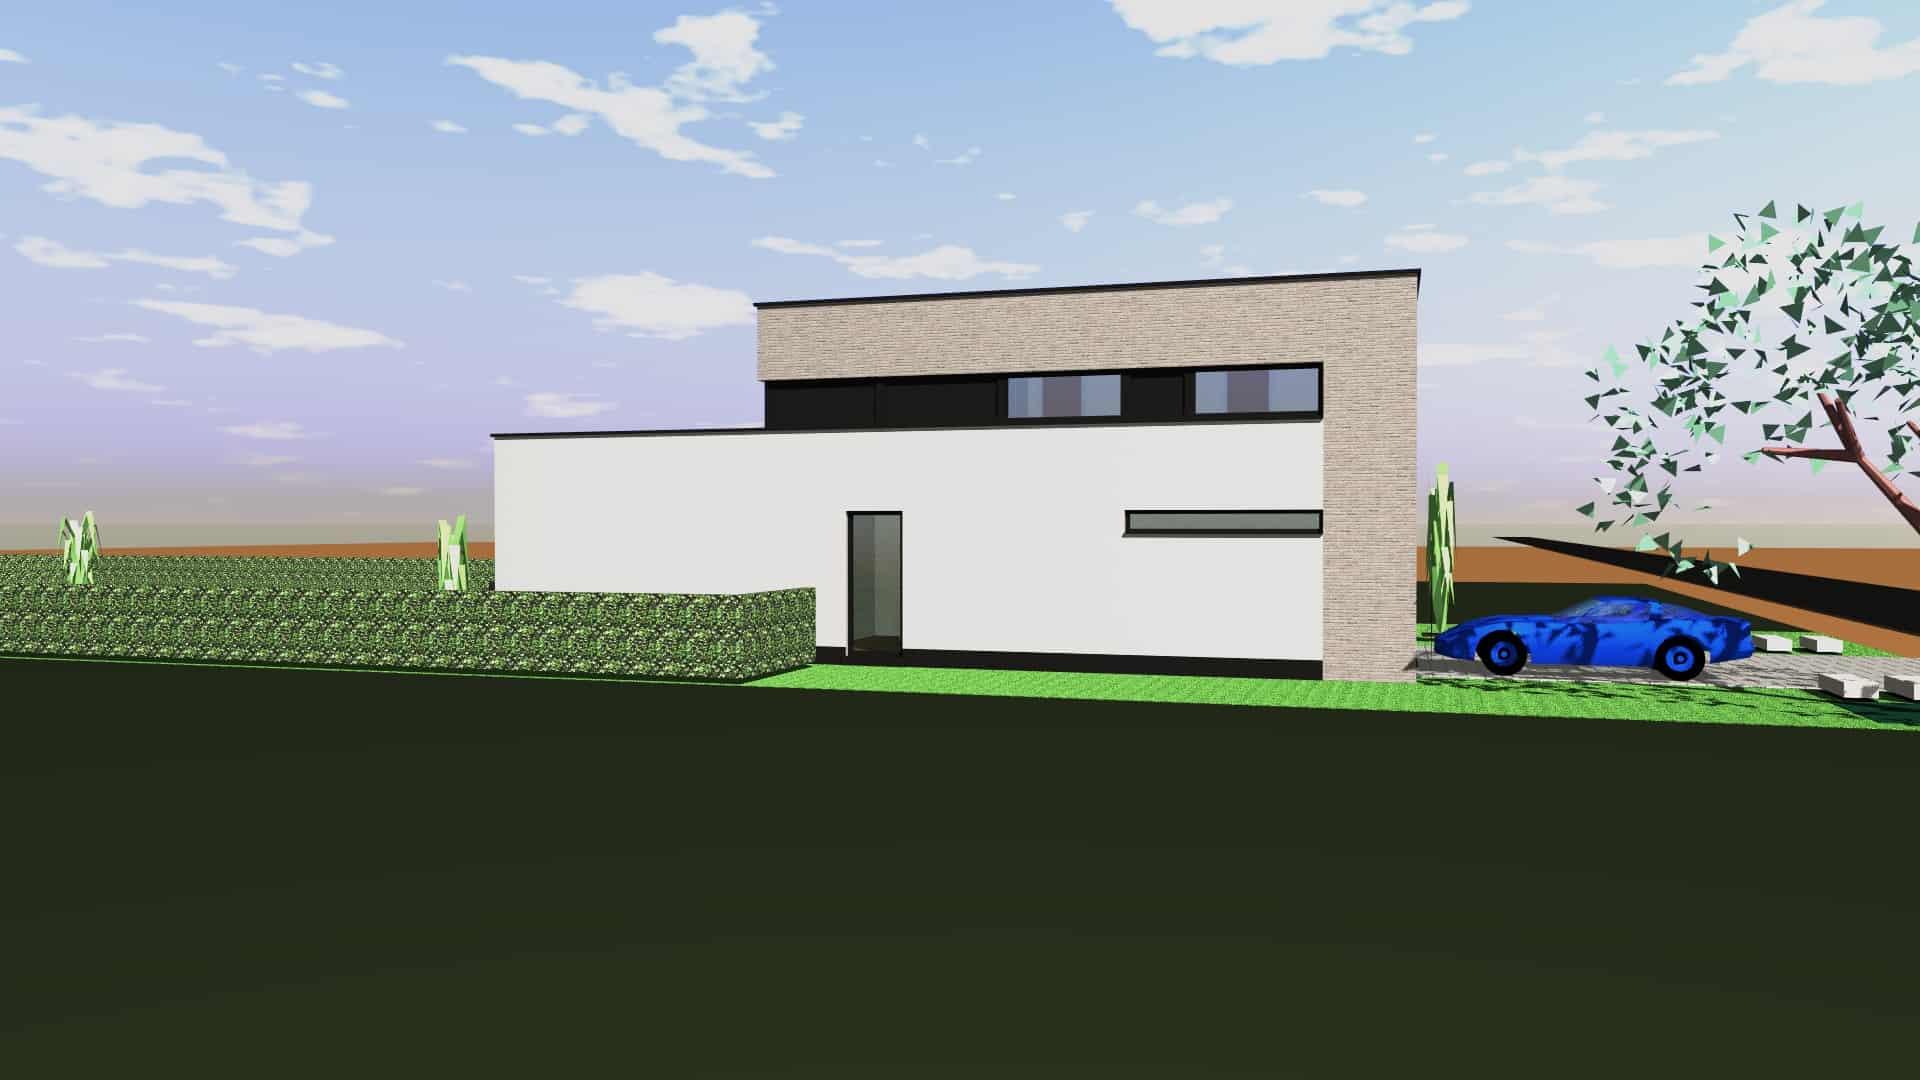 Detail afbeelding 4 van M & C   –   Strakke Gezinswoning   –   Wiemismeer Zutendaal | Ontwerp door architect Patrick Strackx